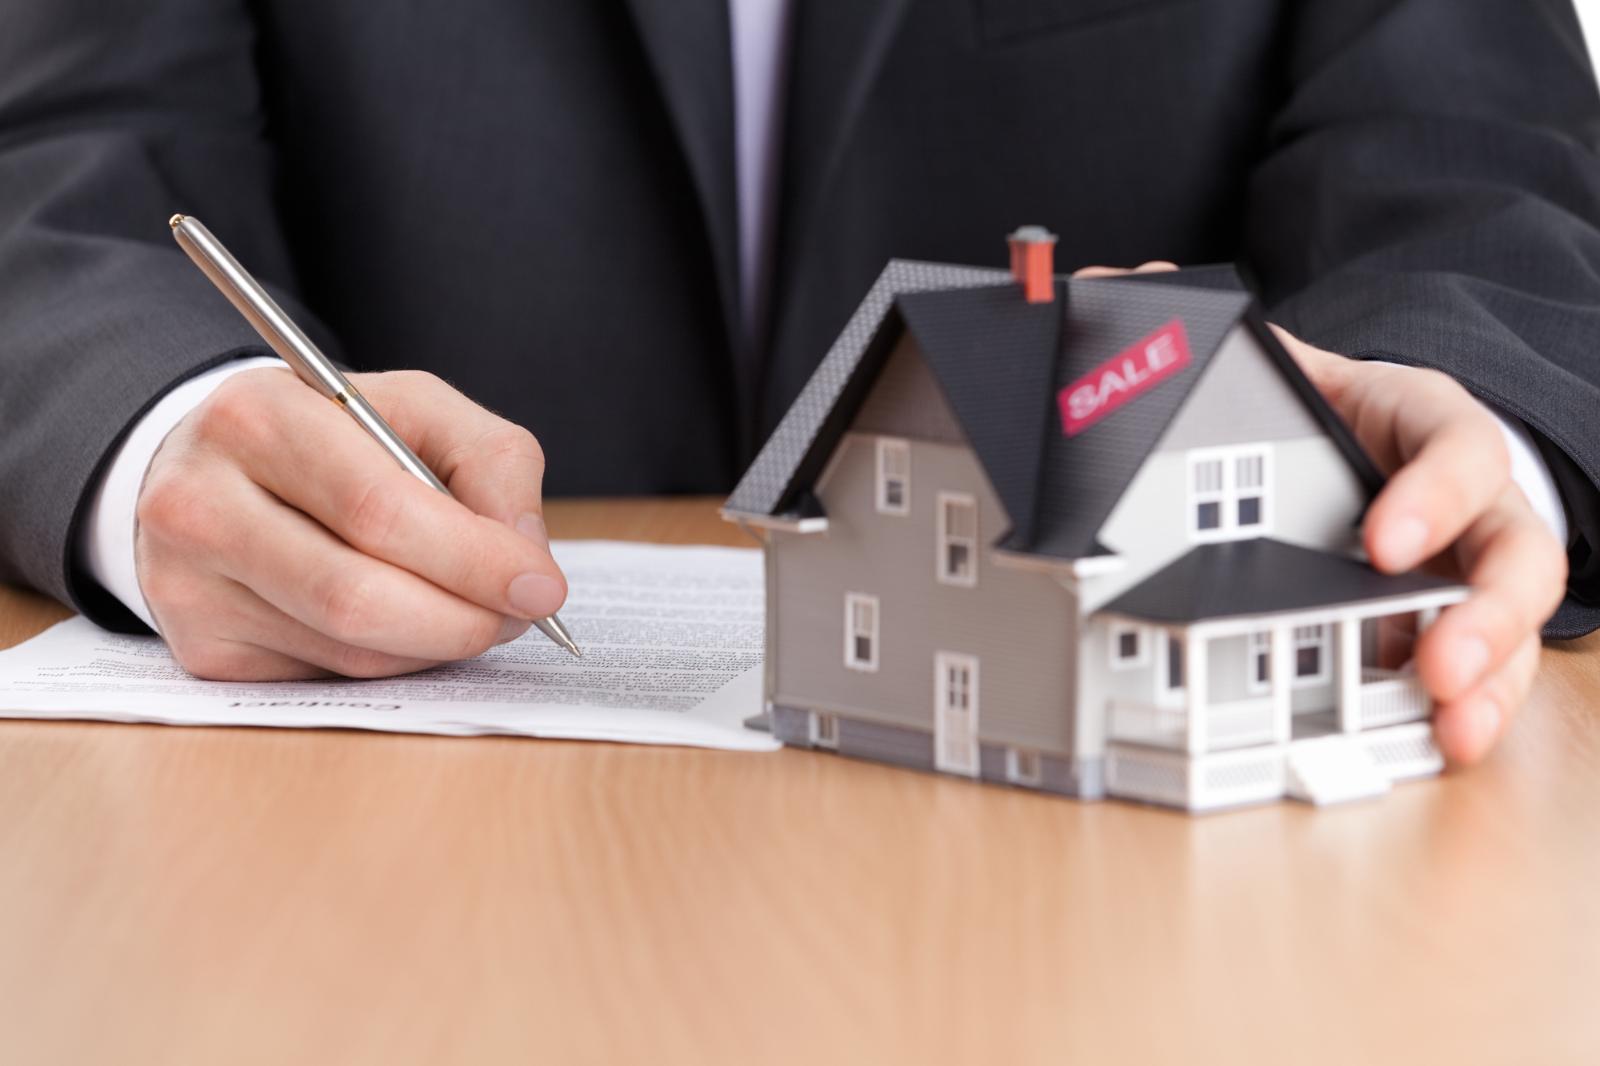 Одинок и при квартире: эксперты выяснили, что ипотеку чаще берут холостяки